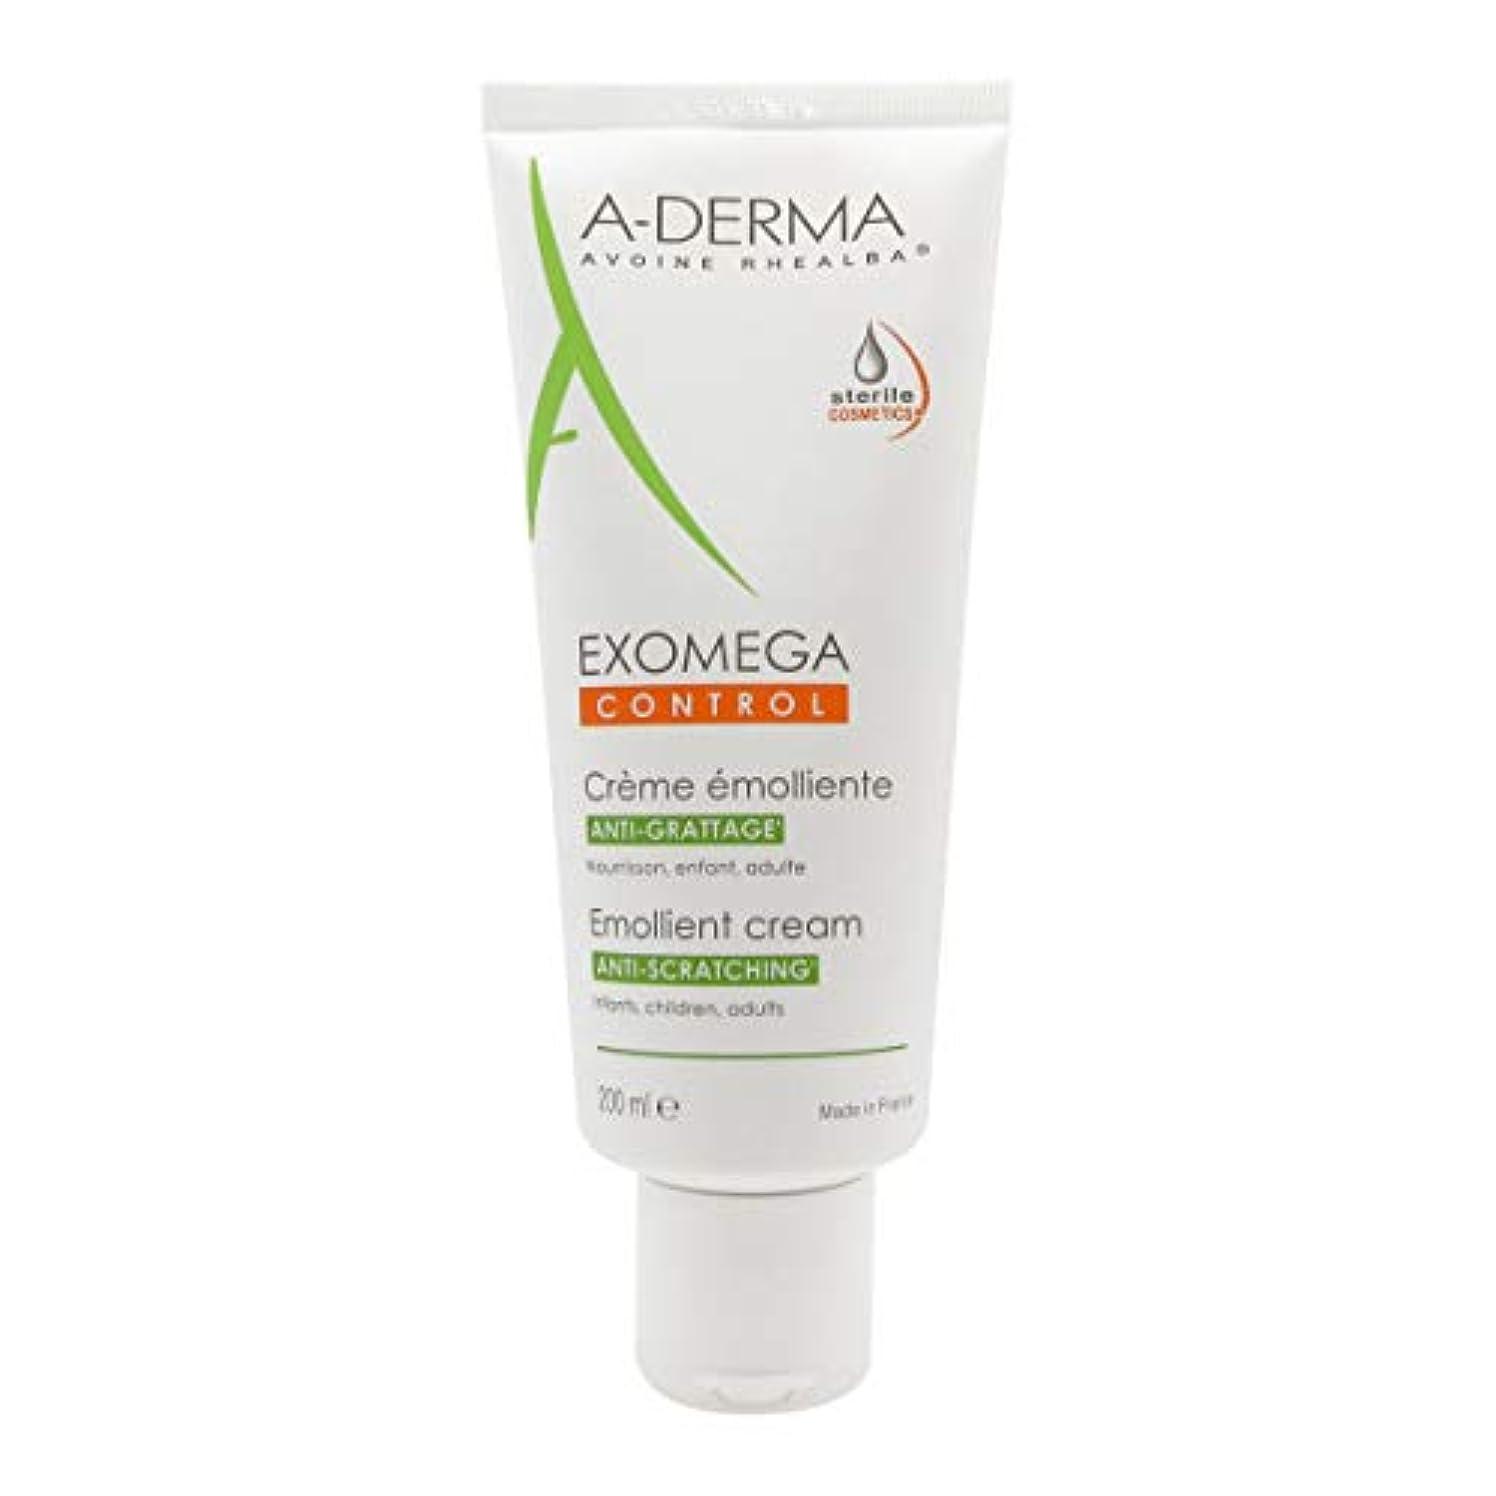 専門化する演じる軍団A-derma Exomega Control Emollient Cream 200ml [並行輸入品]